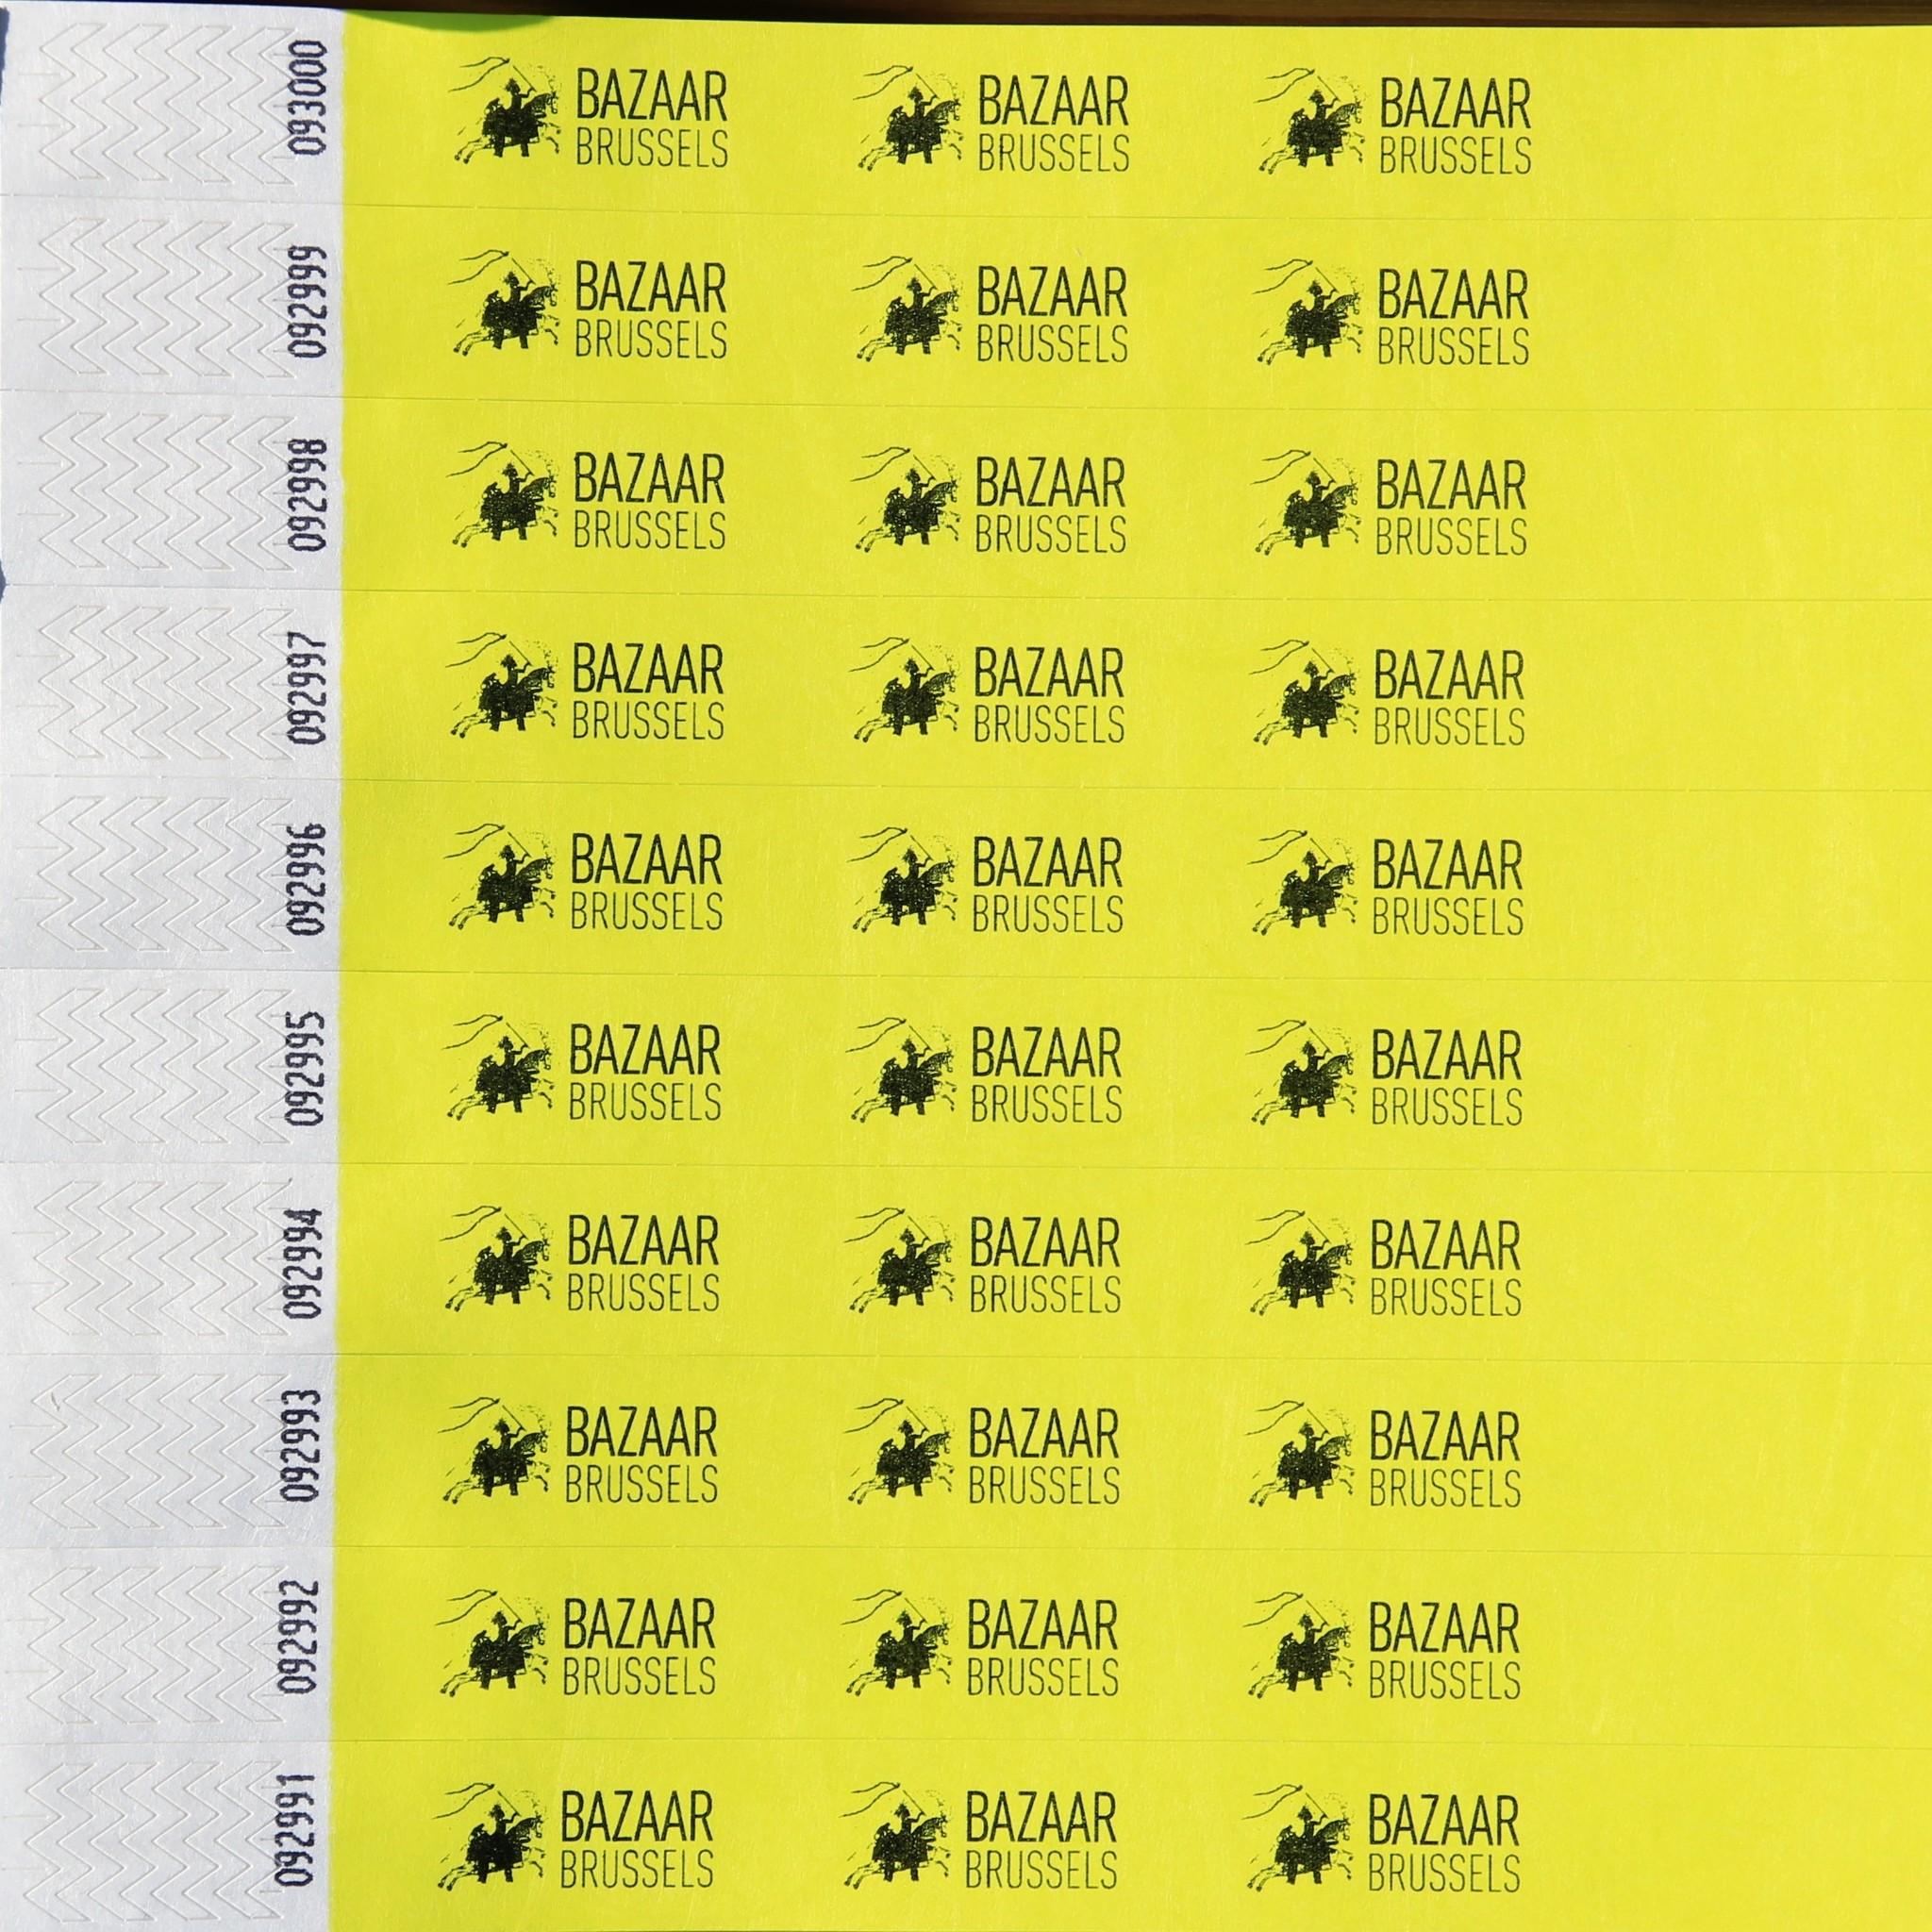 CombiCraft 1000 Tyvek Polsbandjes met uw  identieke tekst of logo in het zwart gedrukt, prijs per 1000 stuks vanaf: